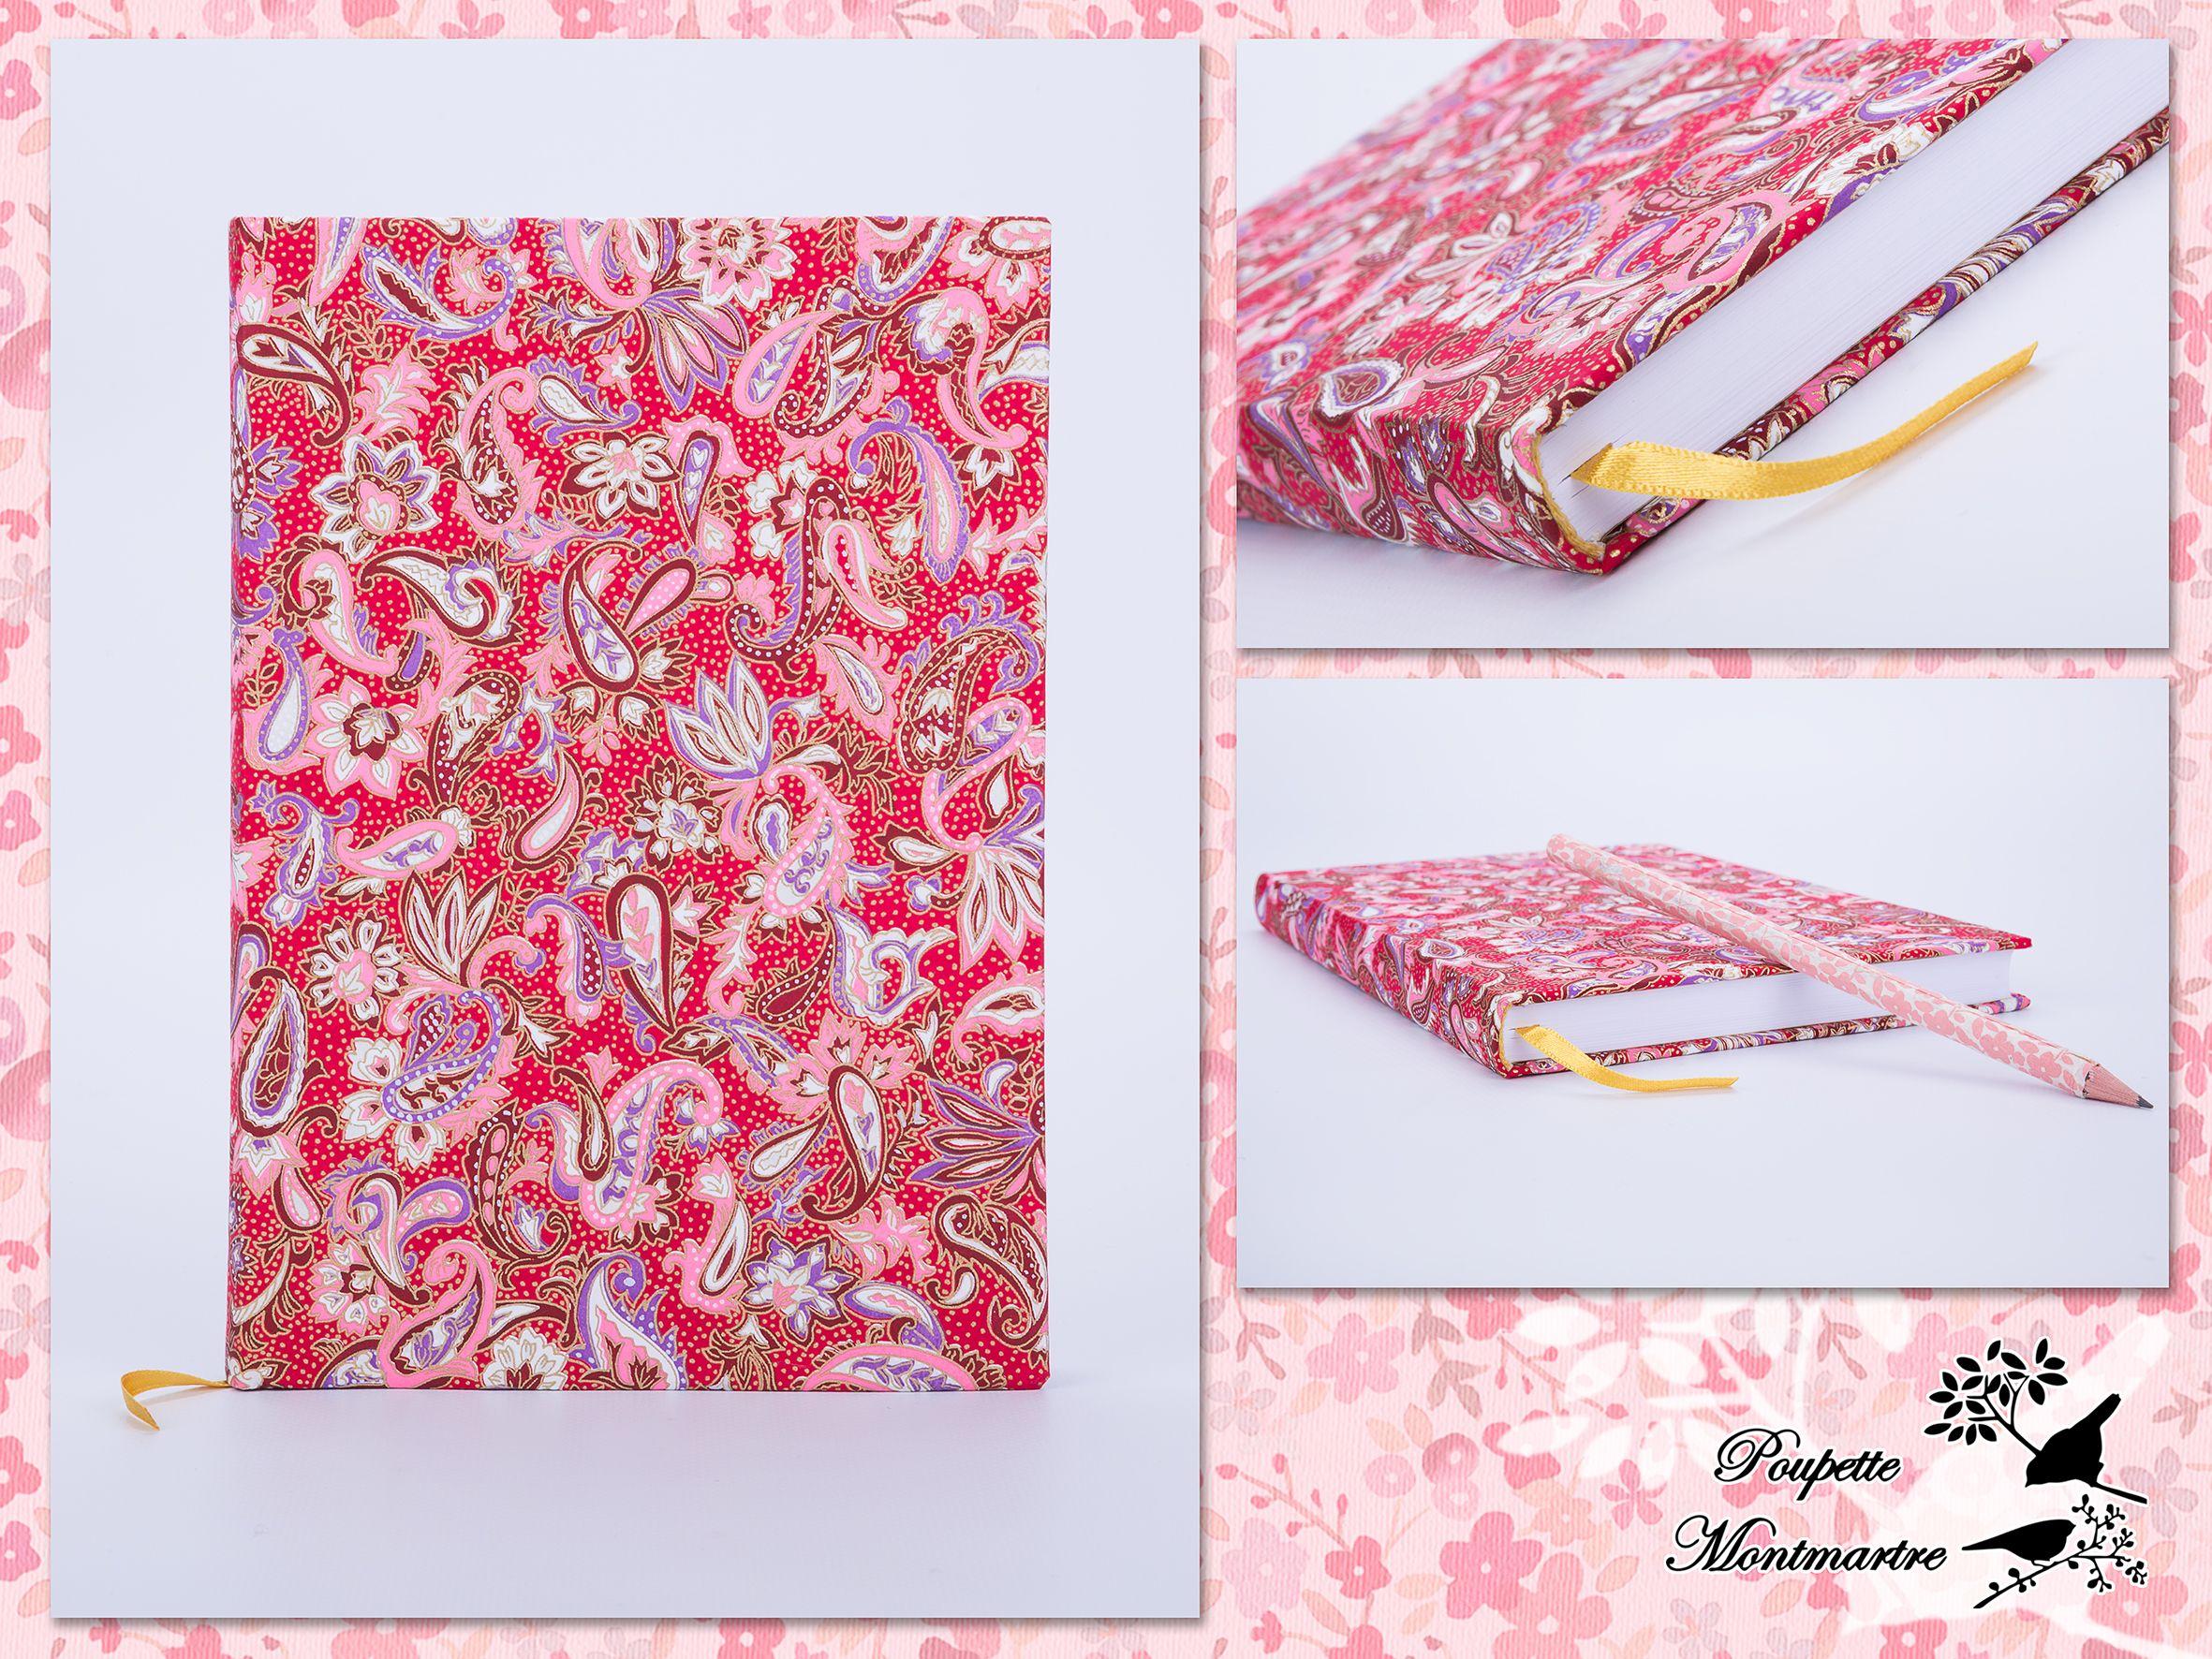 Capa forrada em papel japonês Chiyogami (Yuzen), serigrafia de Cornucópias em tons de rosa, vermelho e roxo. Design exclusivo.